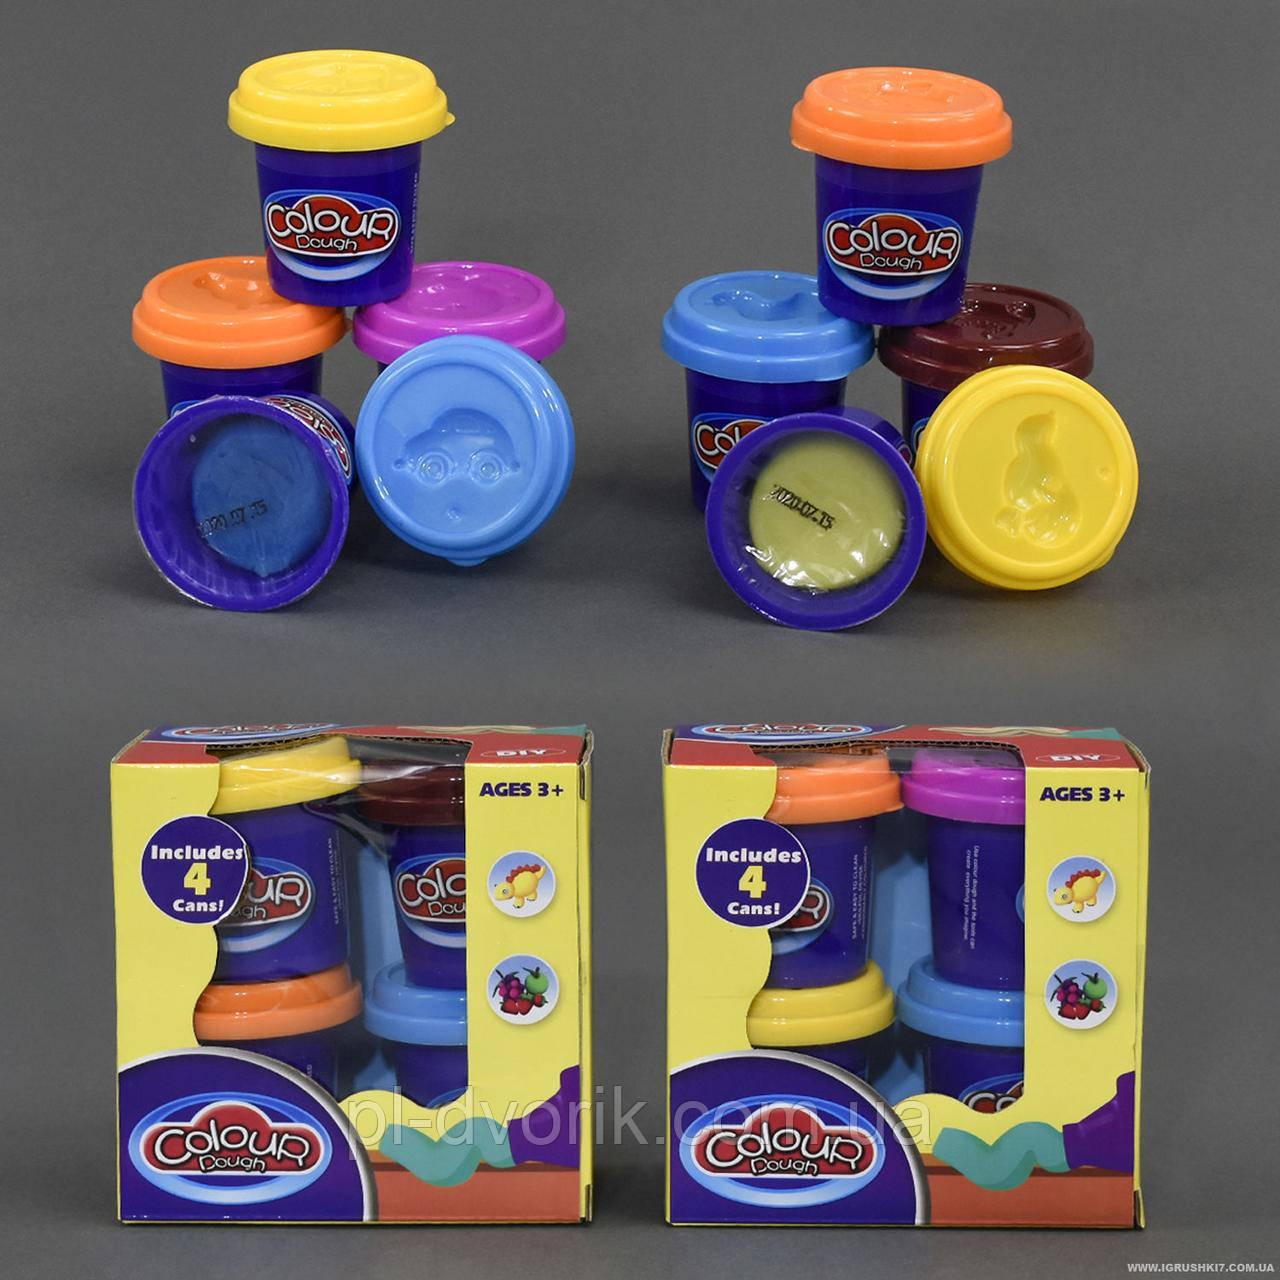 Тісто для ліплення 9201 (48) 250 грам, 4 кольори, в коробці Довжина: 12 см Ширина: 6 см Висота: 13 см Упаковка: Коро